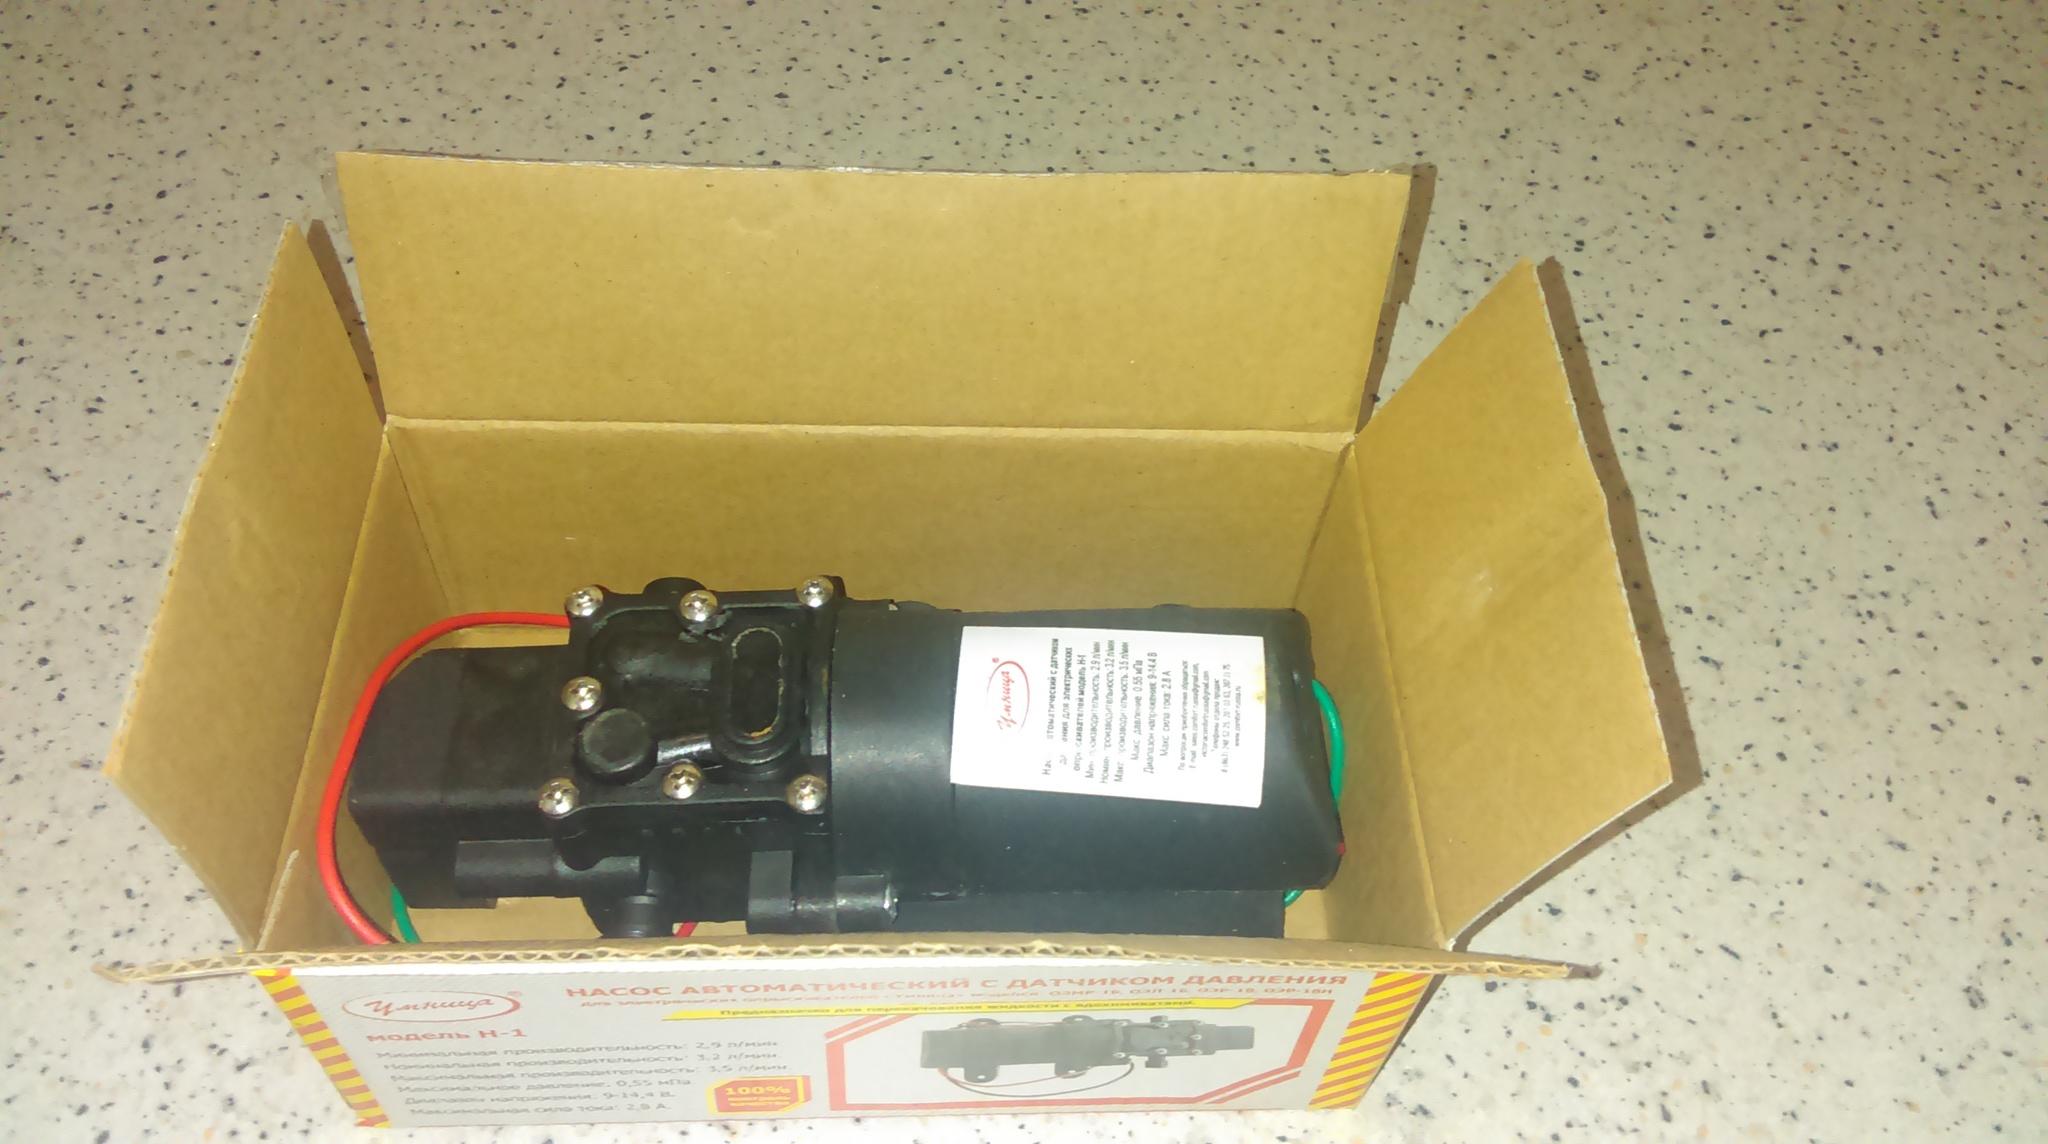 Насос автоматический с датчиком давления модели Н-1 для опрыскивателей Комфорт (Умница) ОЭМР-16 и ОЭЛ-16 купить